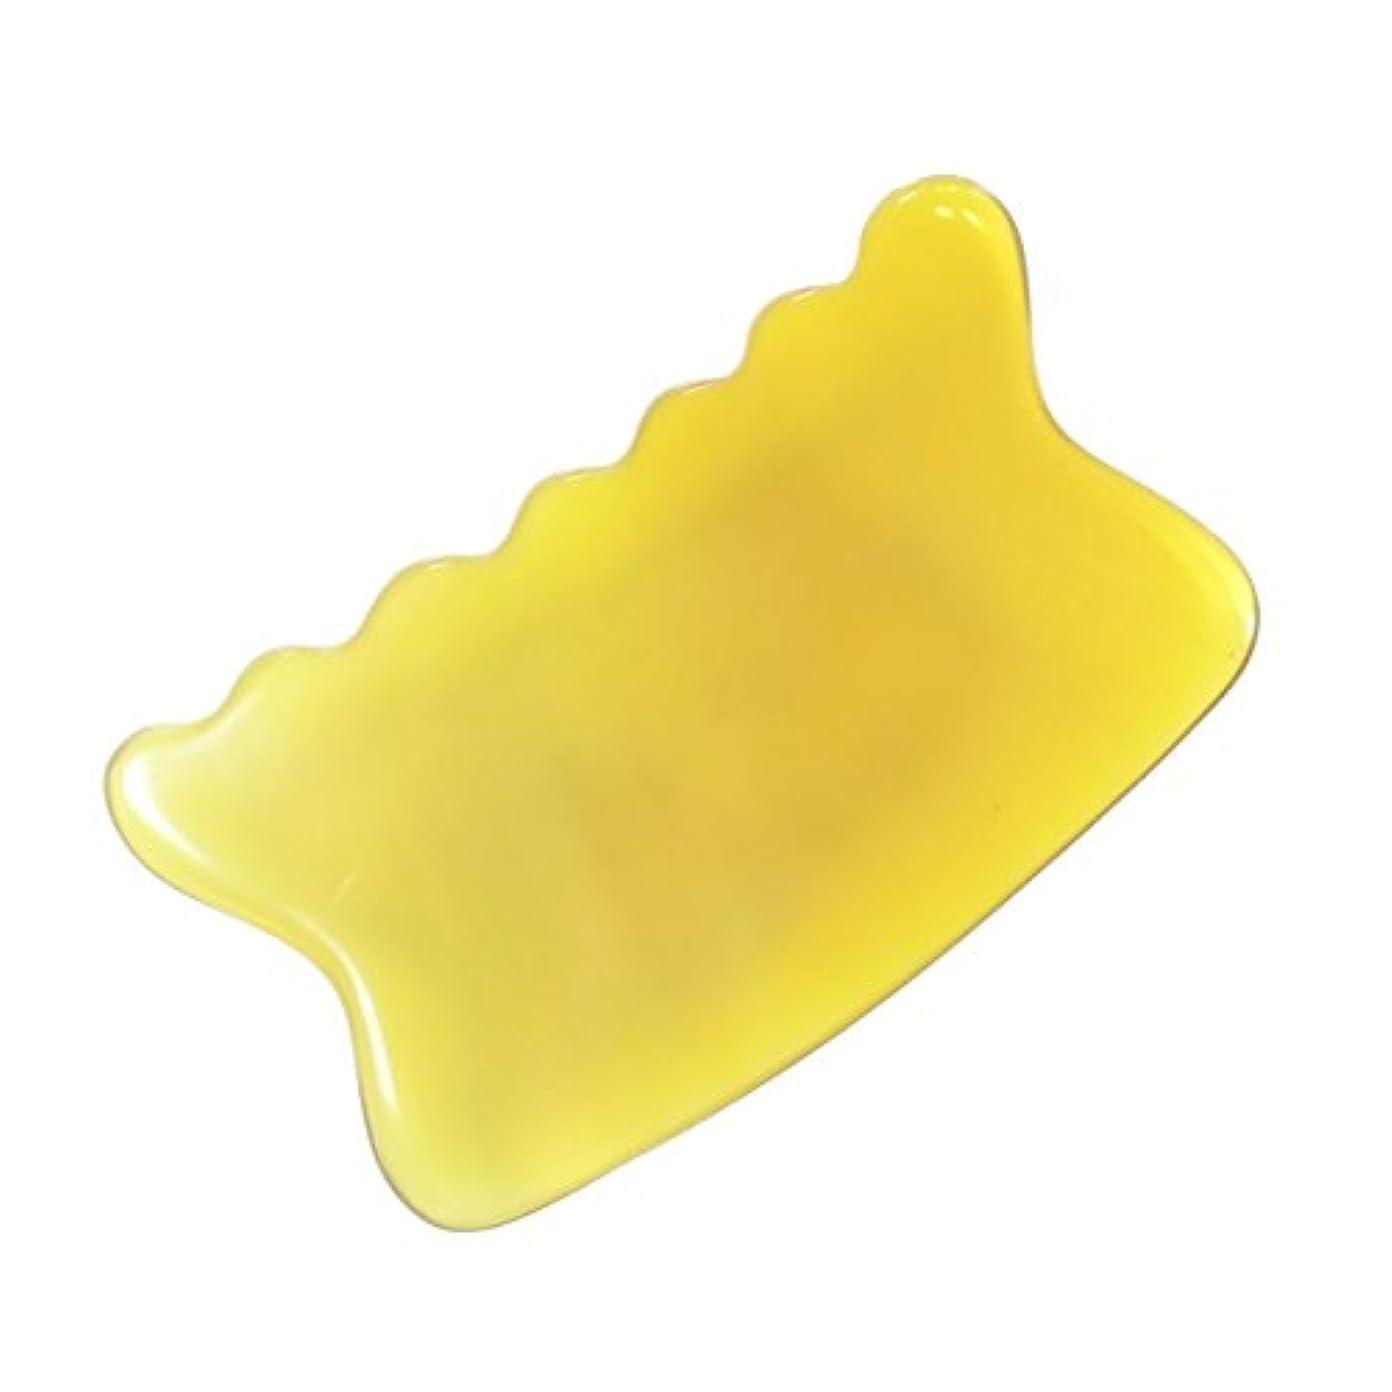 予約ラッシュむしゃむしゃかっさ プレート 希少55 黄水牛角 極美品 曲波型